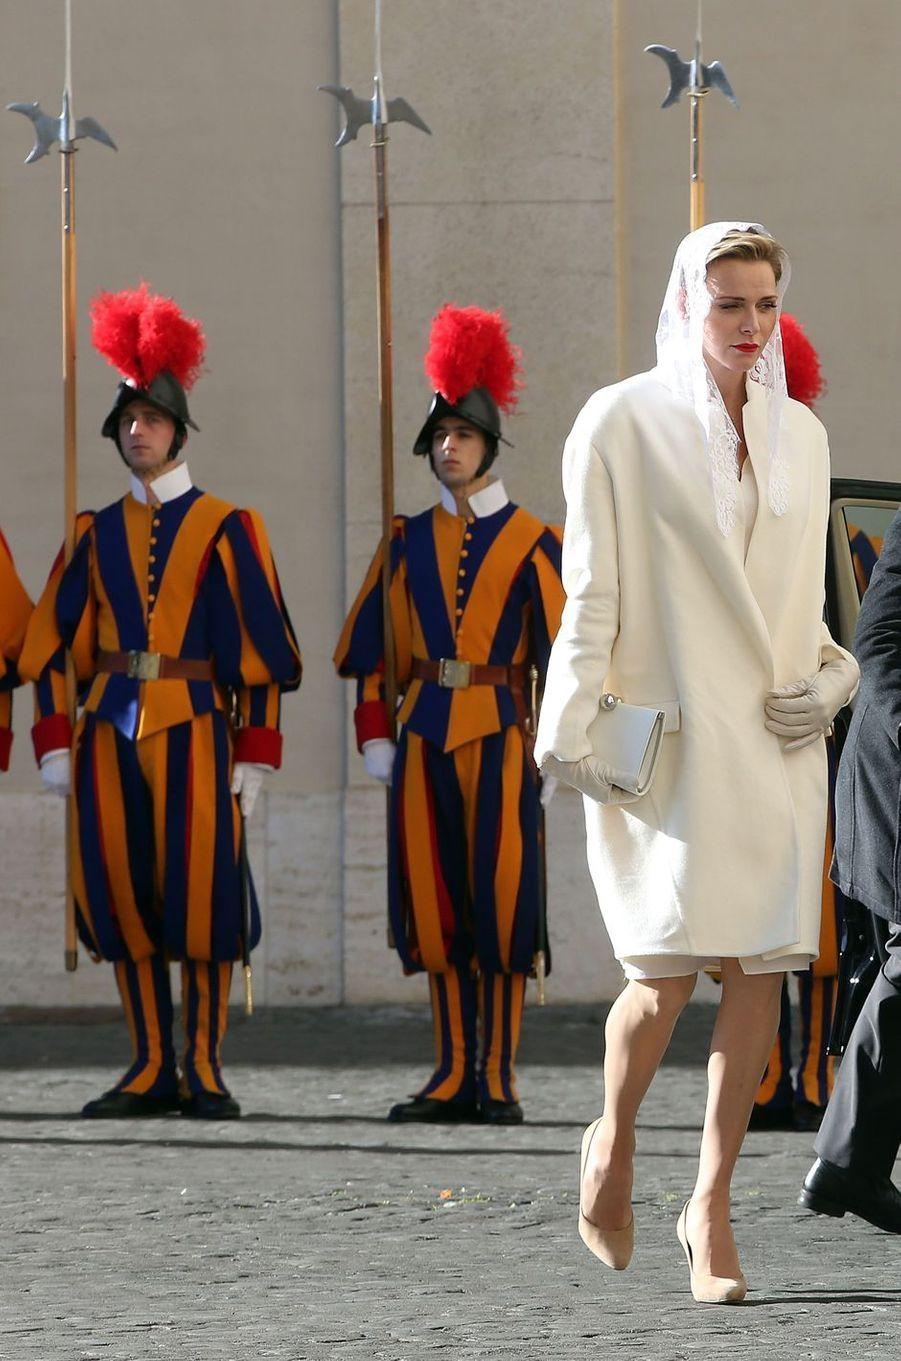 La princesse Charlène de Monaco au Vatican pour une audience avec le pape François, le 18 janvier 2016